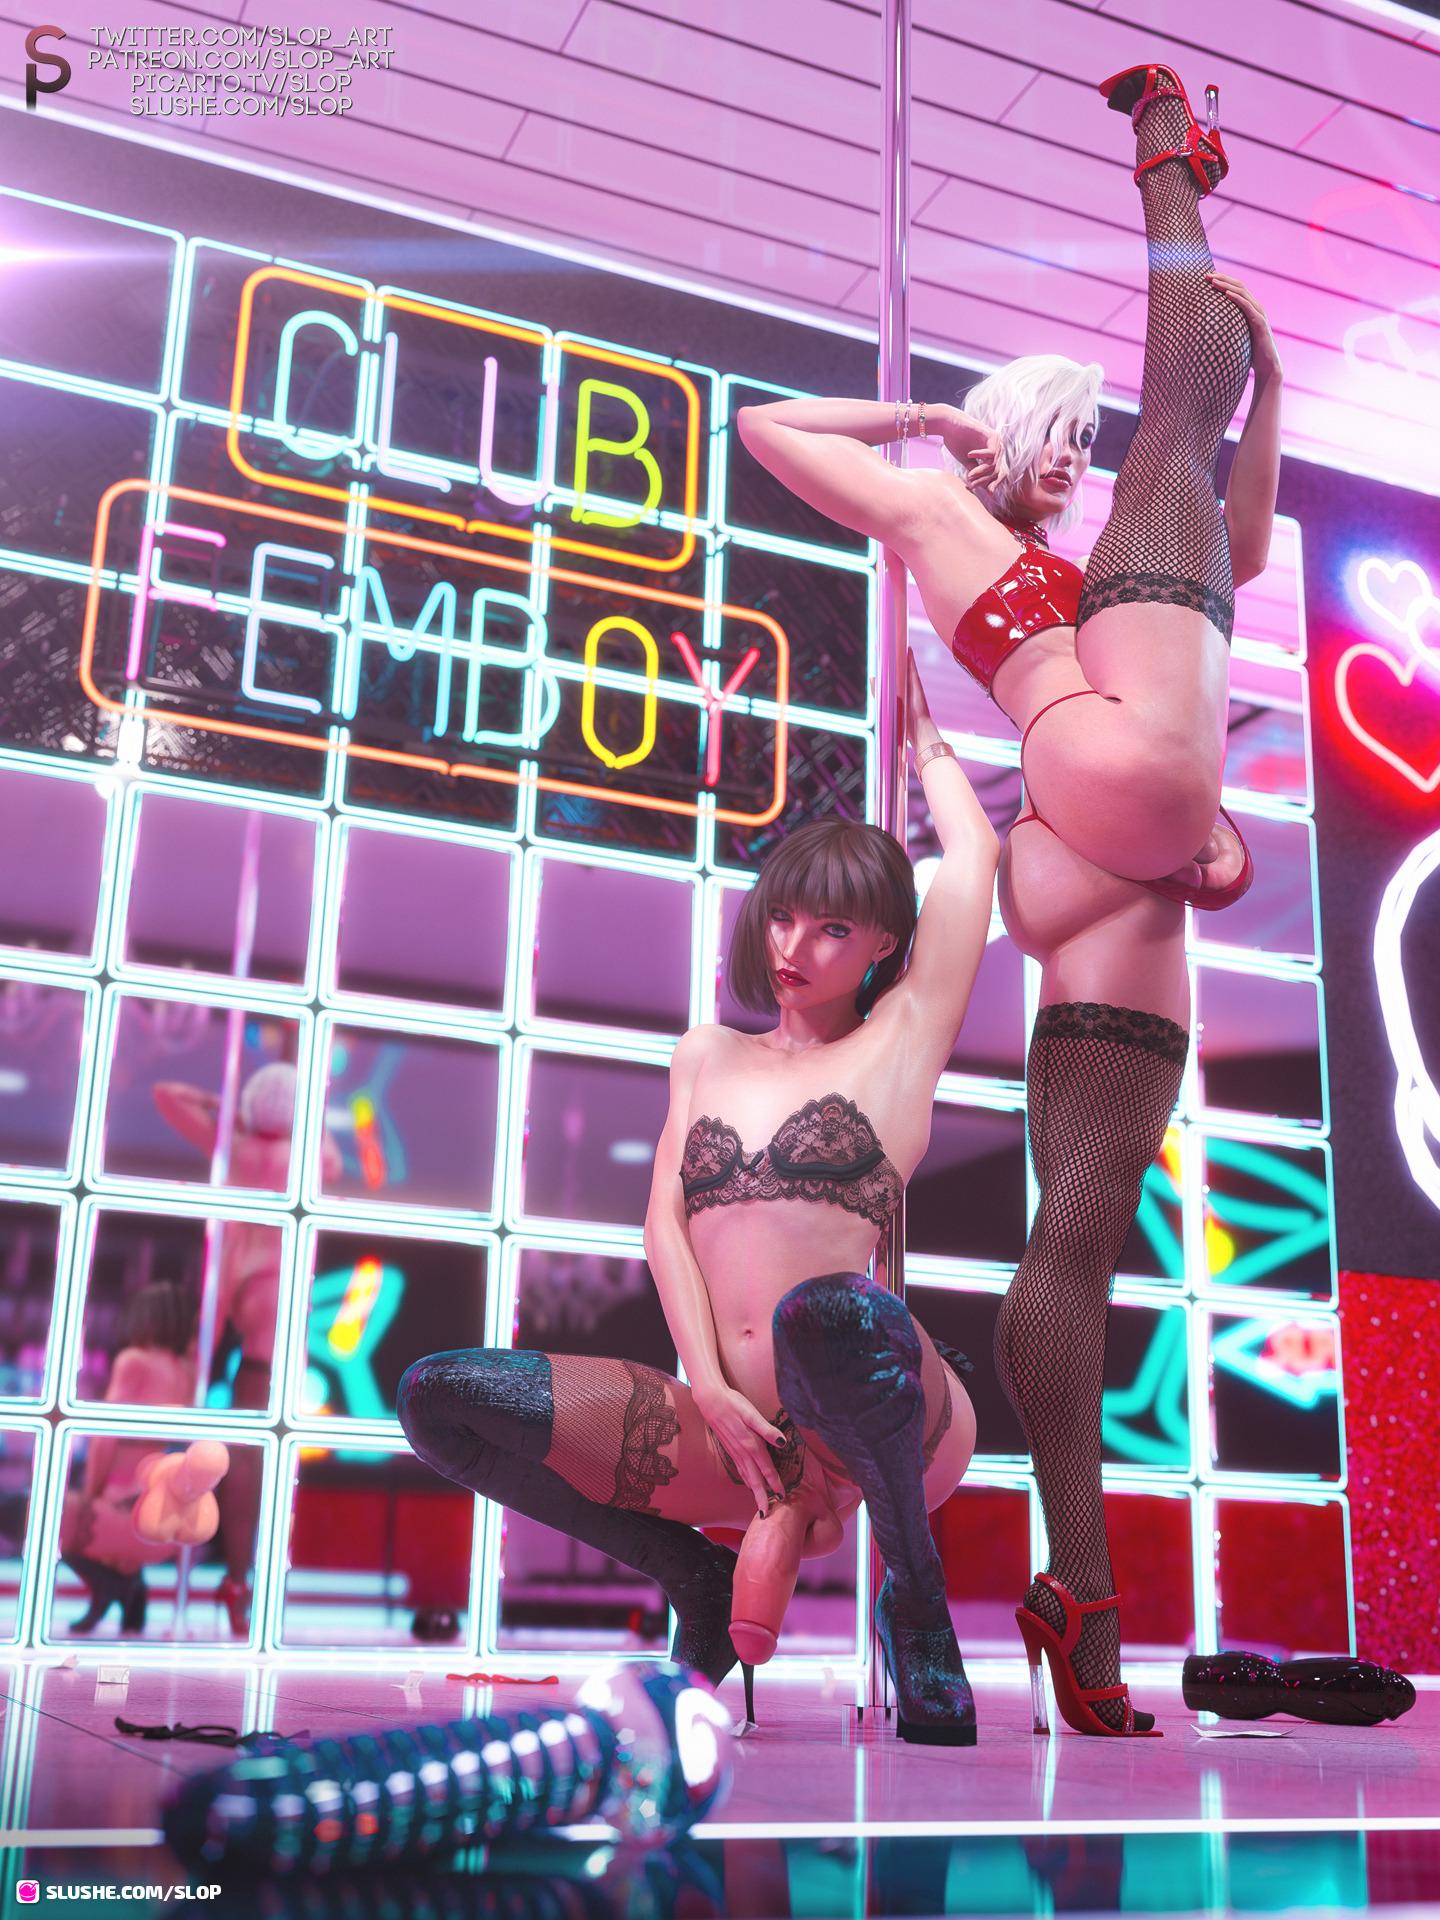 Club Femboy - Part II